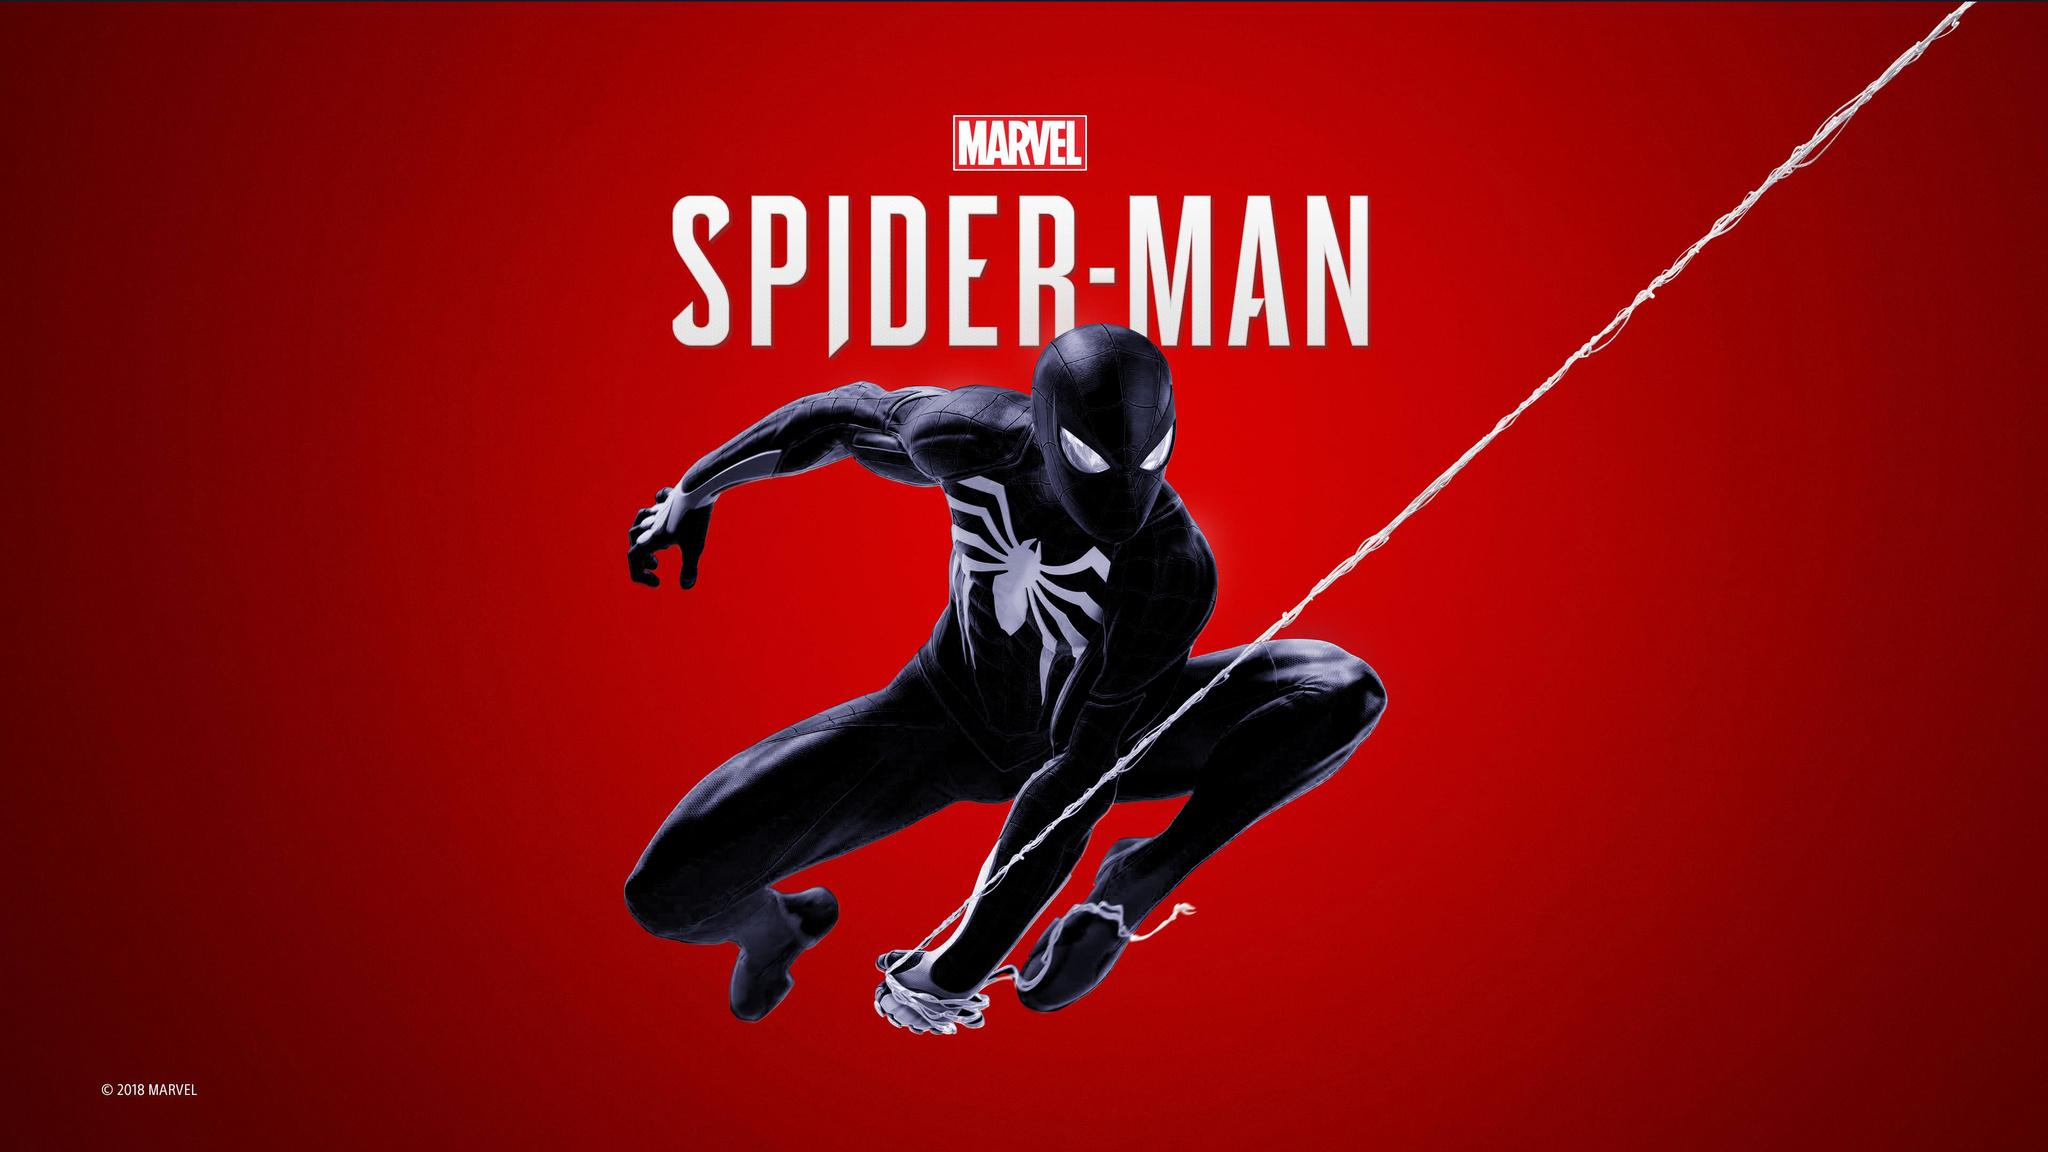 2048x1152 Black Spiderman Ps4 4k 2048x1152 Resolution Hd 4k